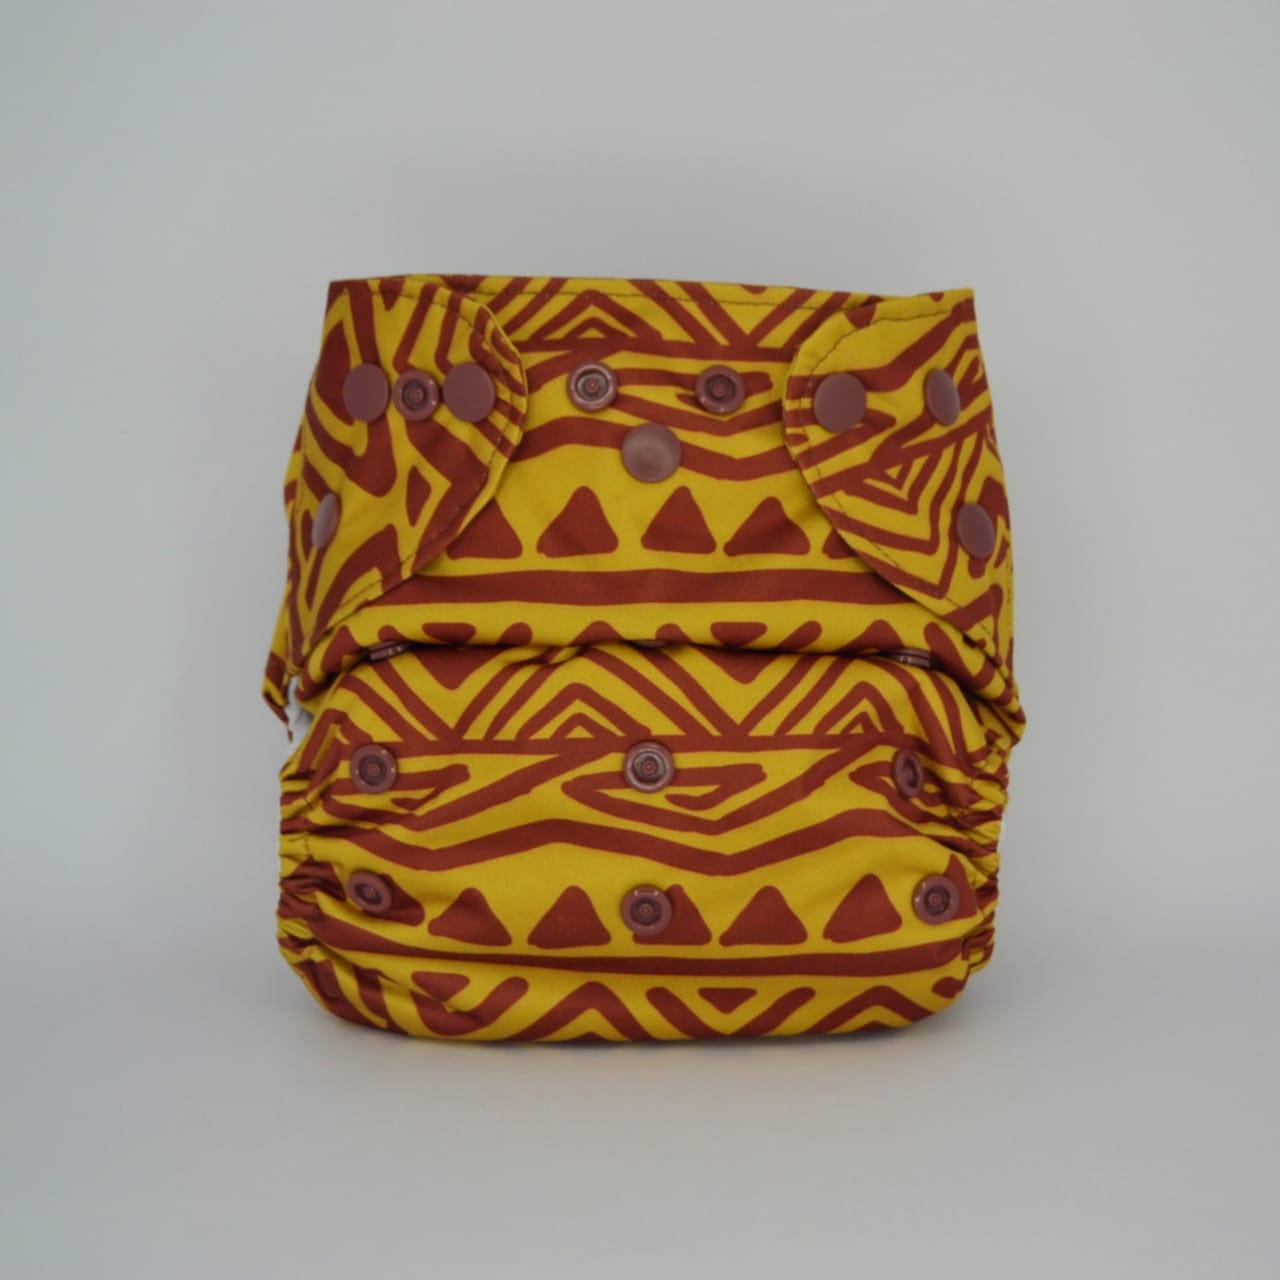 Fralda Ecológica Diurna 2 em 1 com dois absorventes - Pintura Indígena